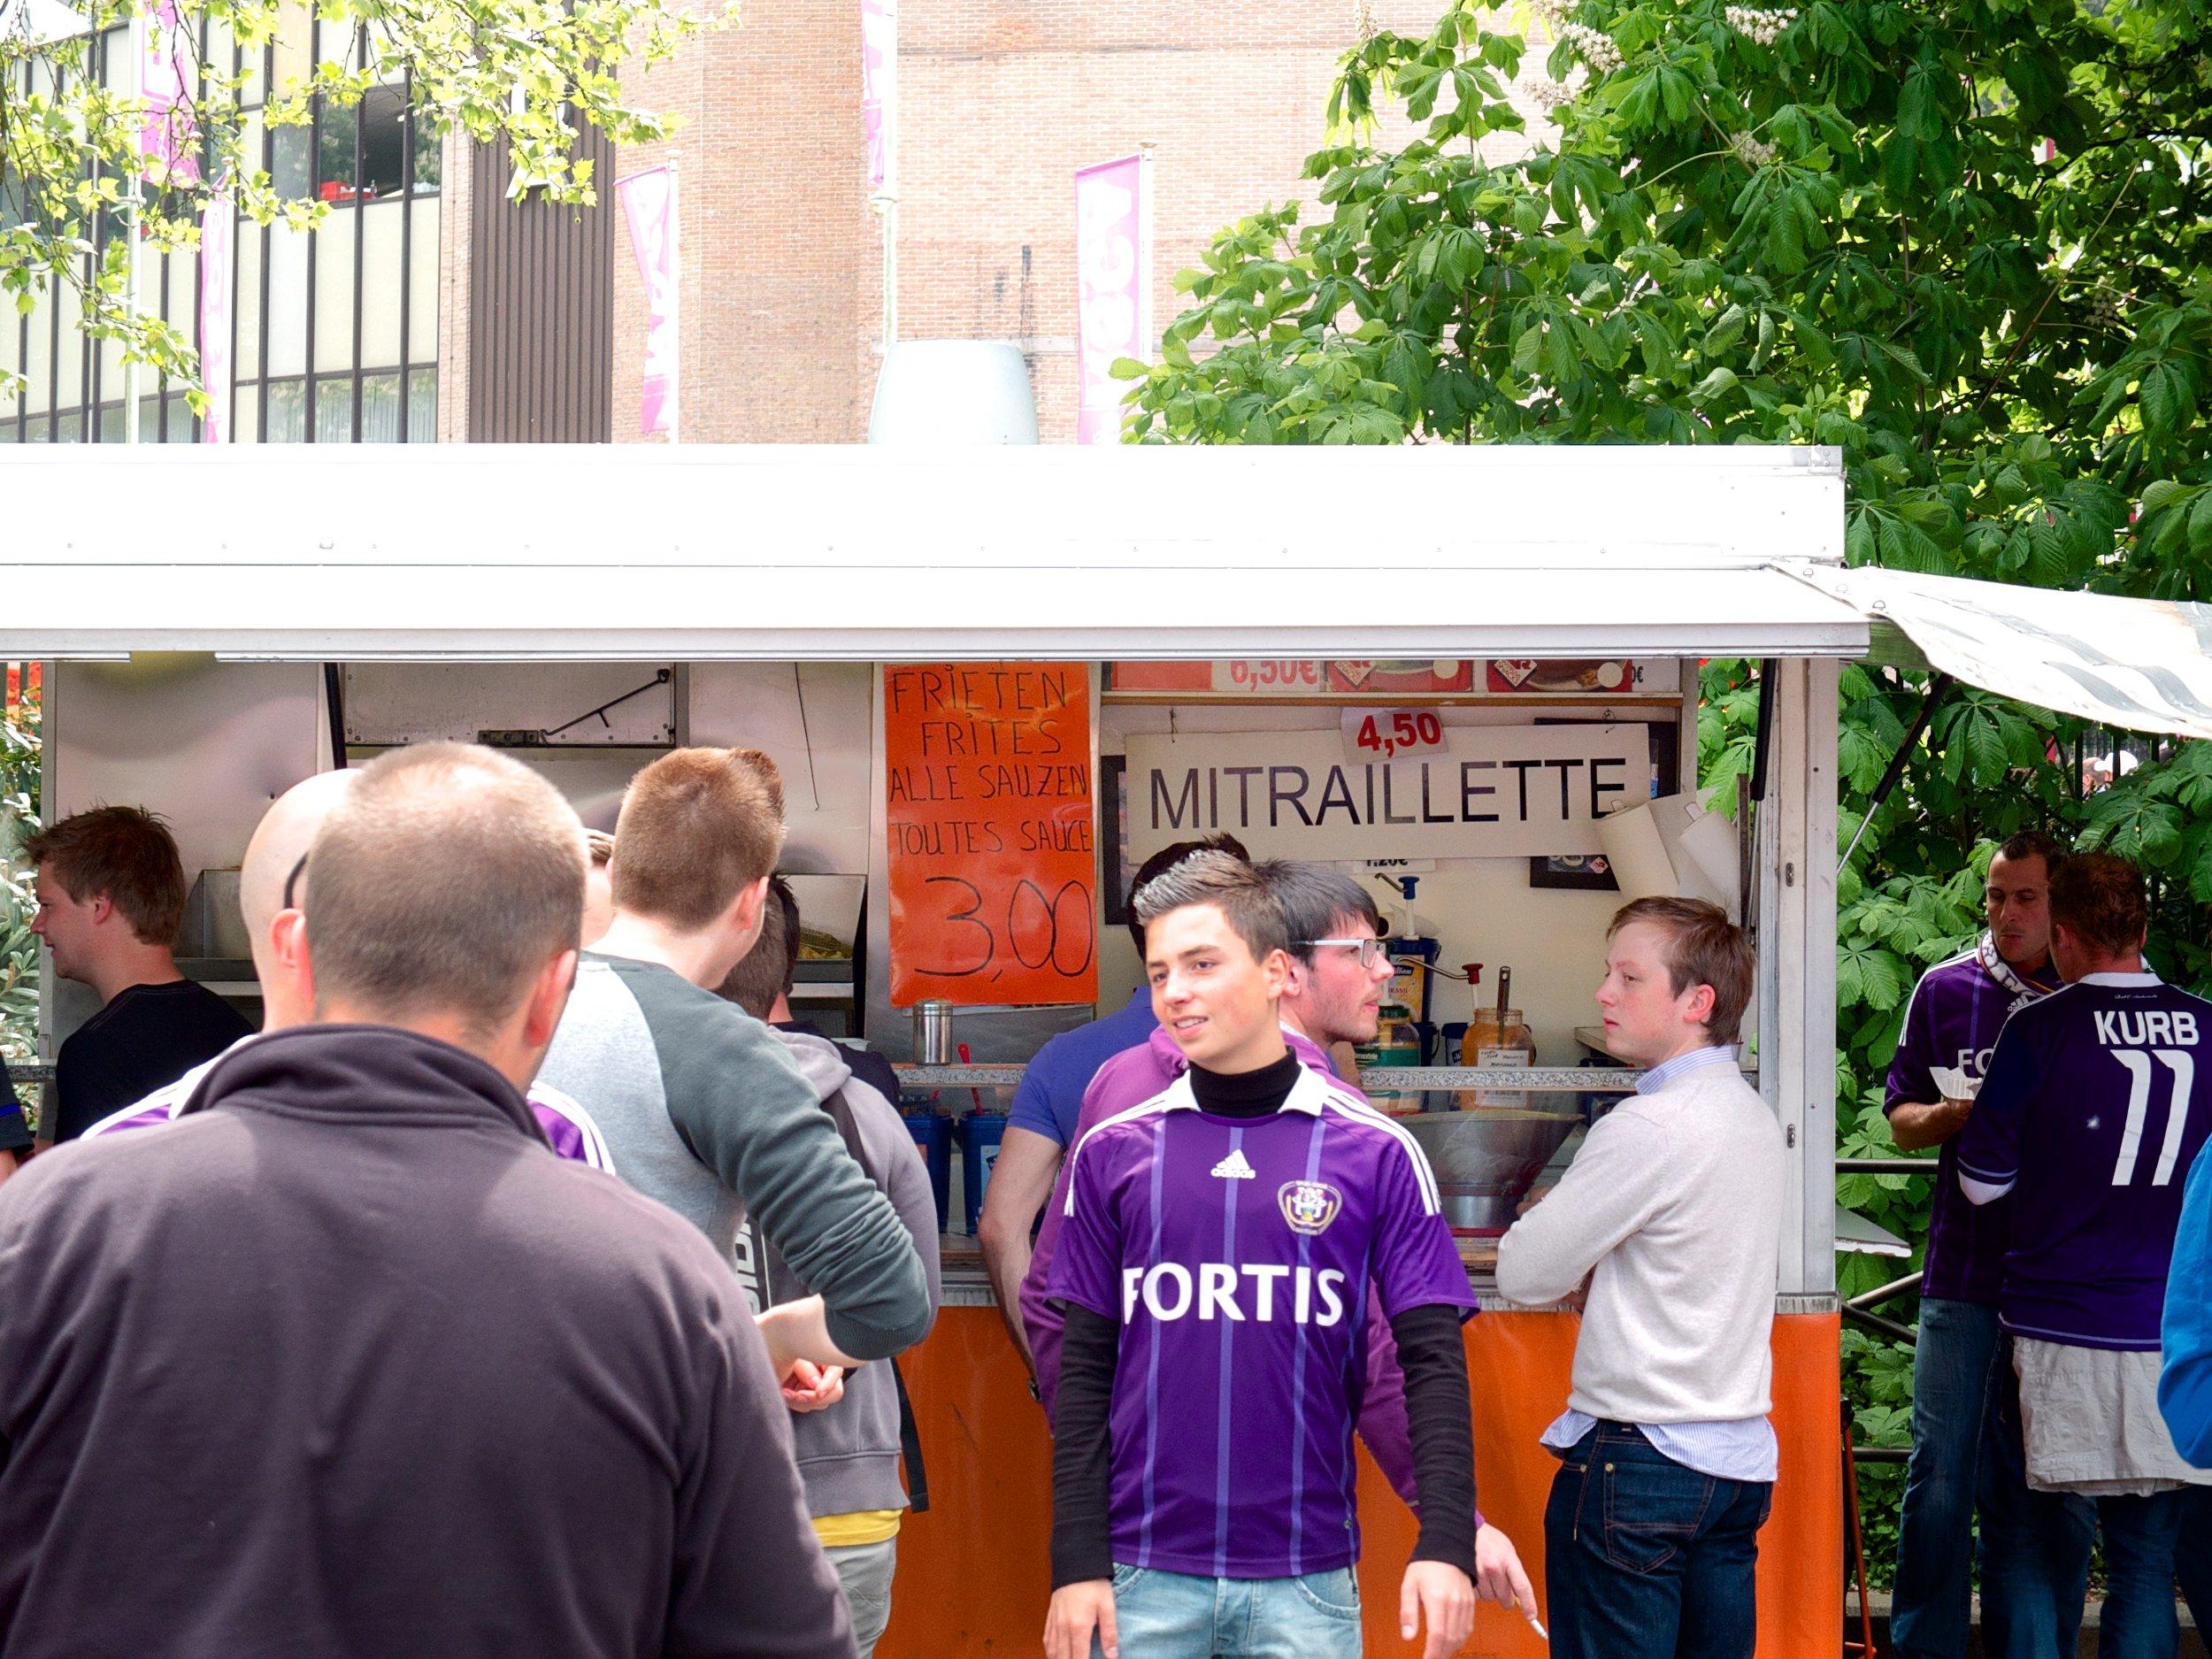 Vendors like the one pictured above serve fast food outside Constant Vanden Stock Stadion. Image credit:    Sander Spek   /   Flickr